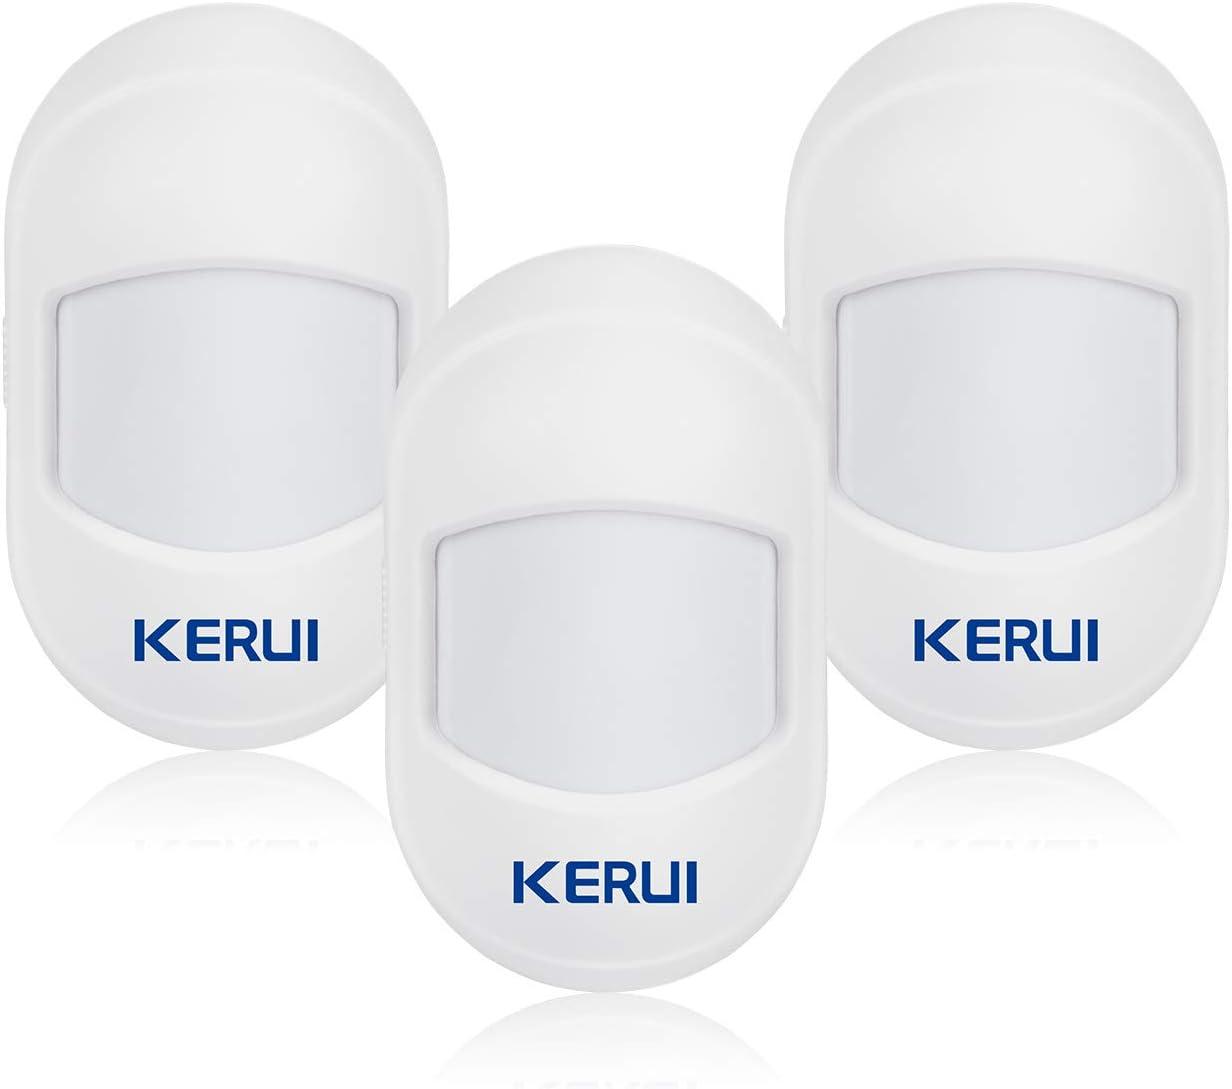 KERUI HW10 Mini Sensor/Detector Movimiento PIR Inalámbricos, Kit de Alarma Antirrobo, 433m, Compatible con Sistema de Alarma de Seguridad gsm/WiFi KERUI para Hogar/Tienda/Garaje/Oficina/Autocaravana